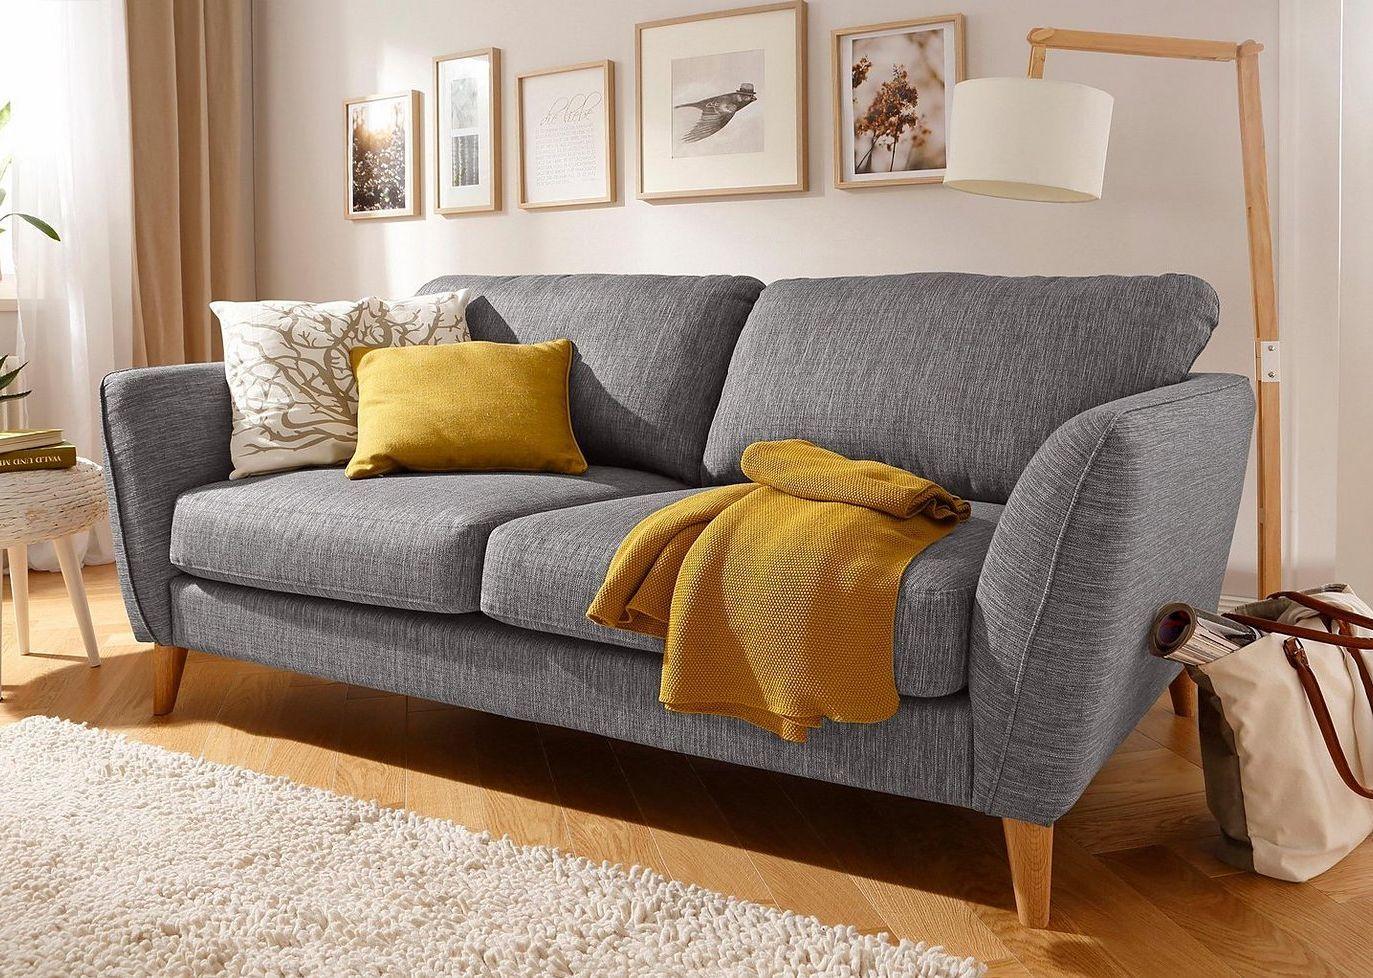 3 Sitzer Sofa Fur Kleine Raume Im Skandinavischen Stil Wohnzimmer